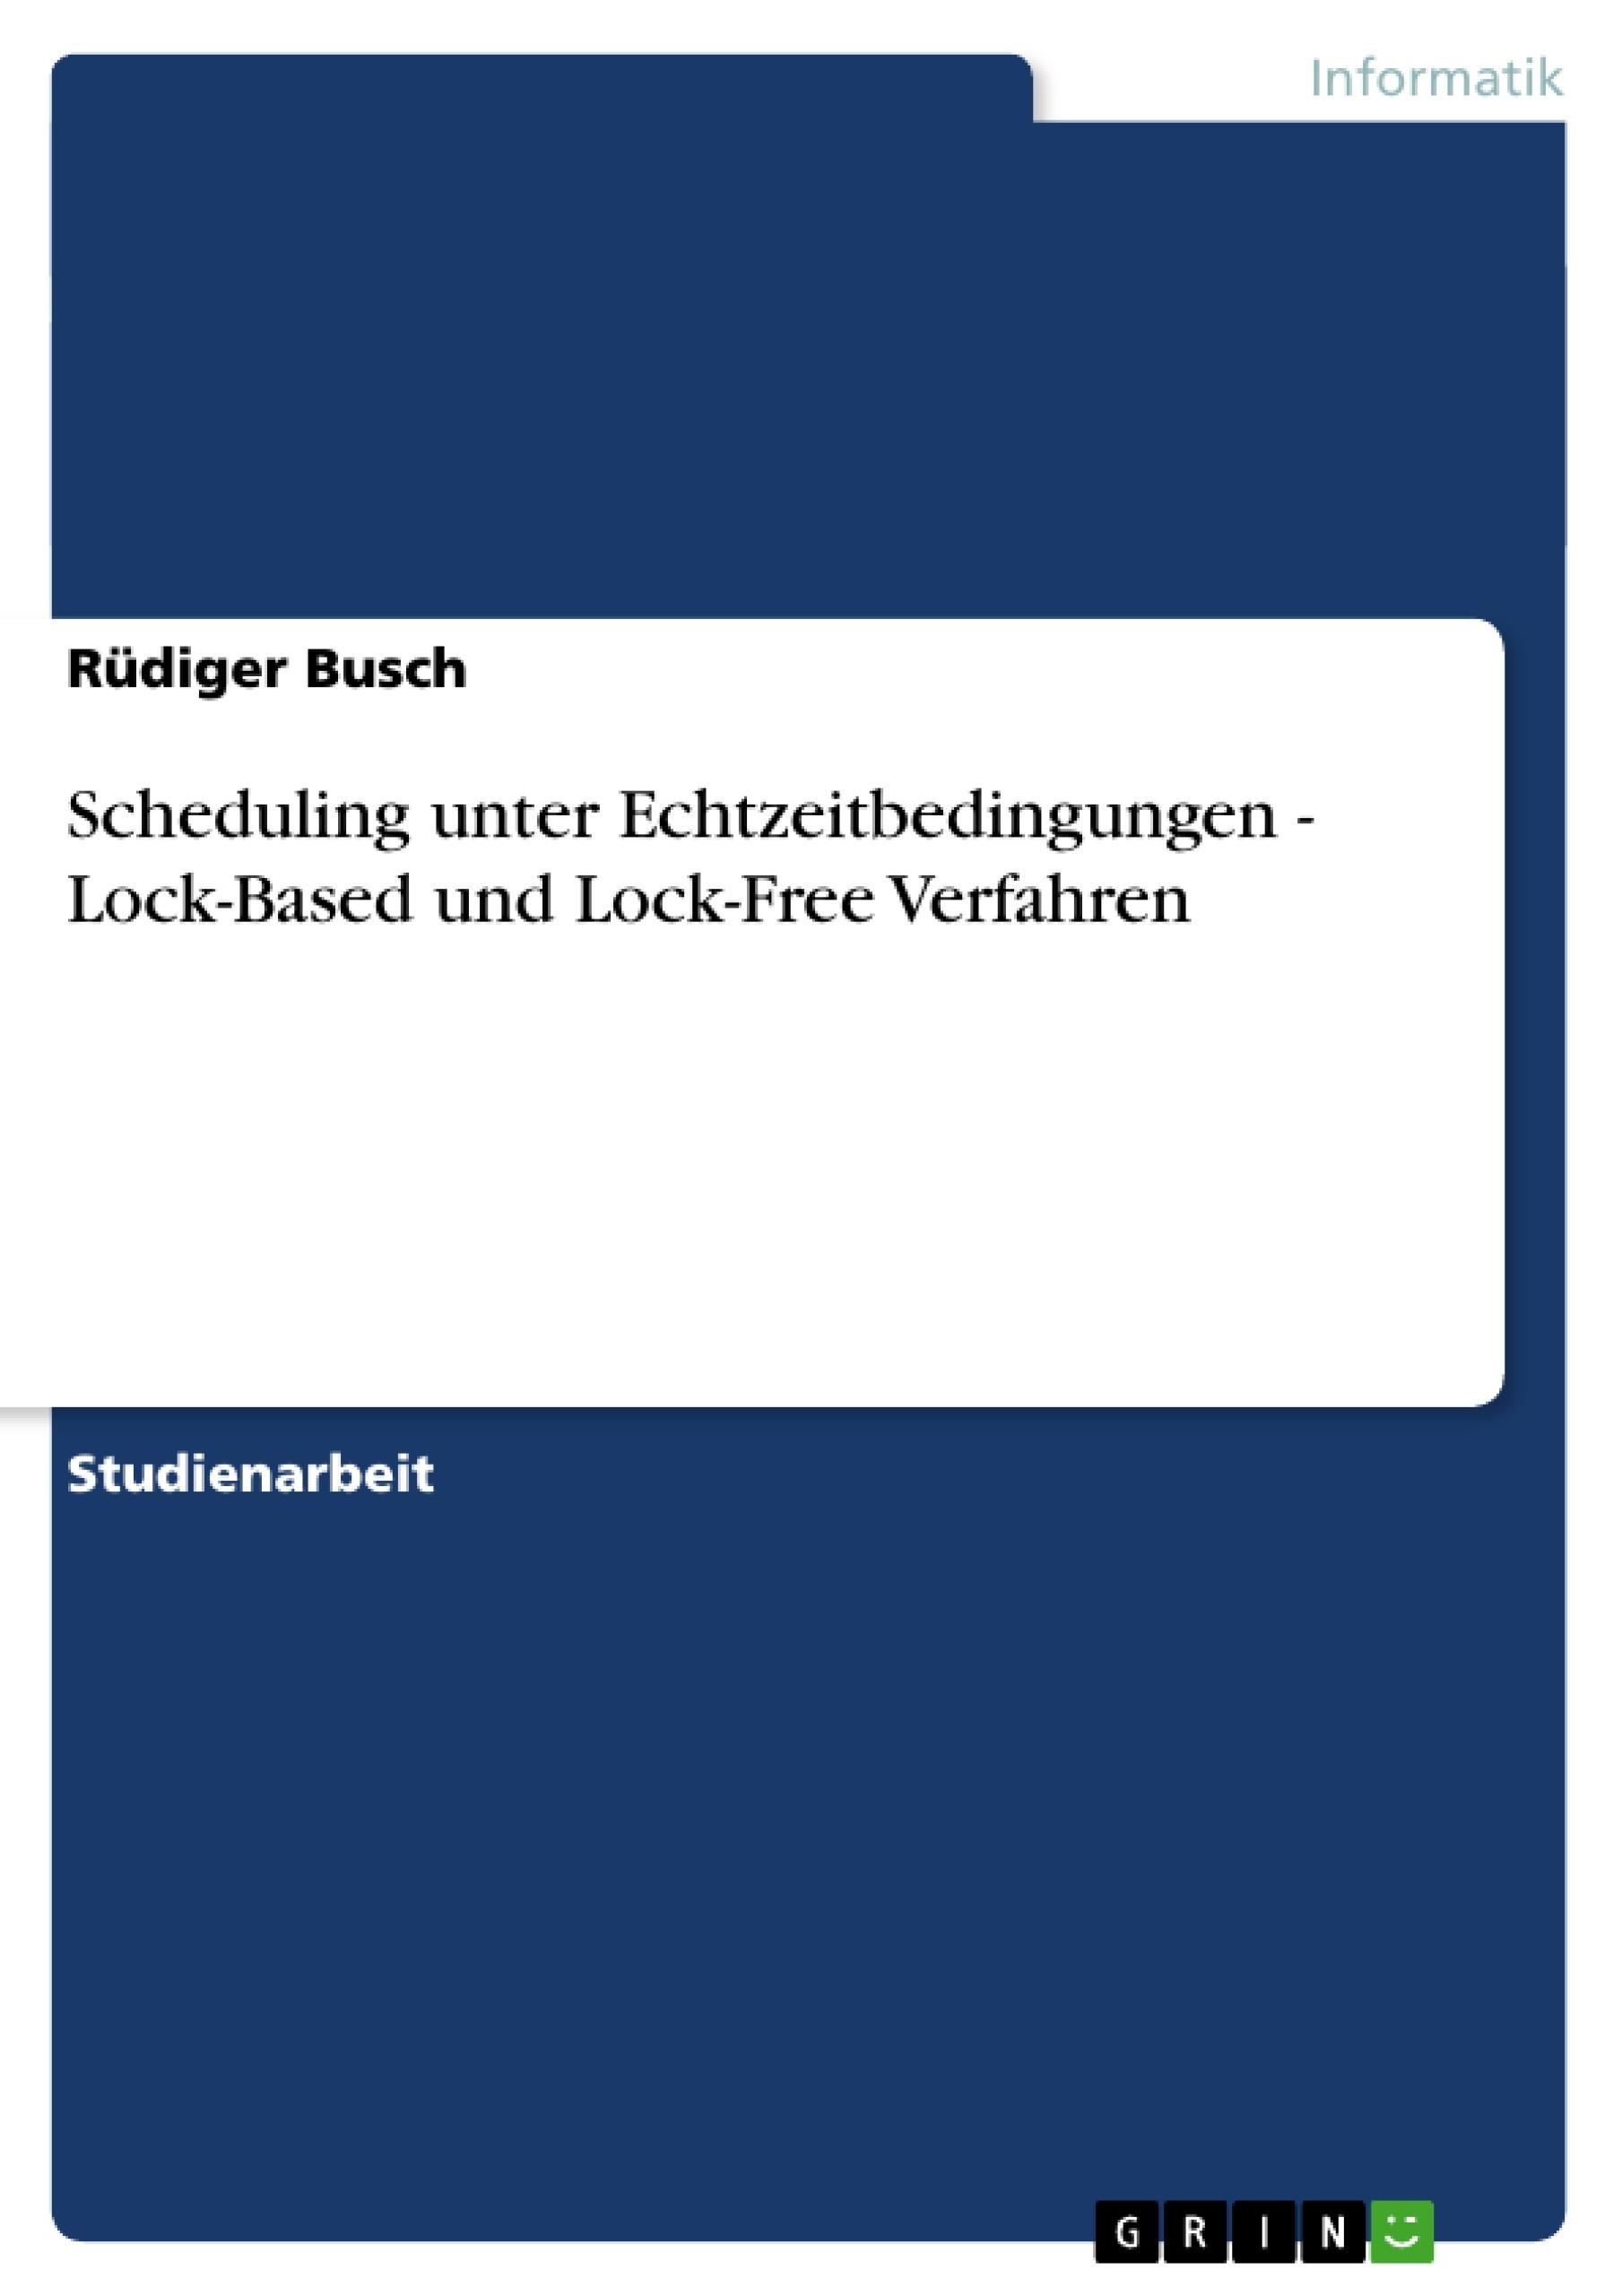 Titel: Scheduling unter Echtzeitbedingungen - Lock-Based und Lock-Free Verfahren